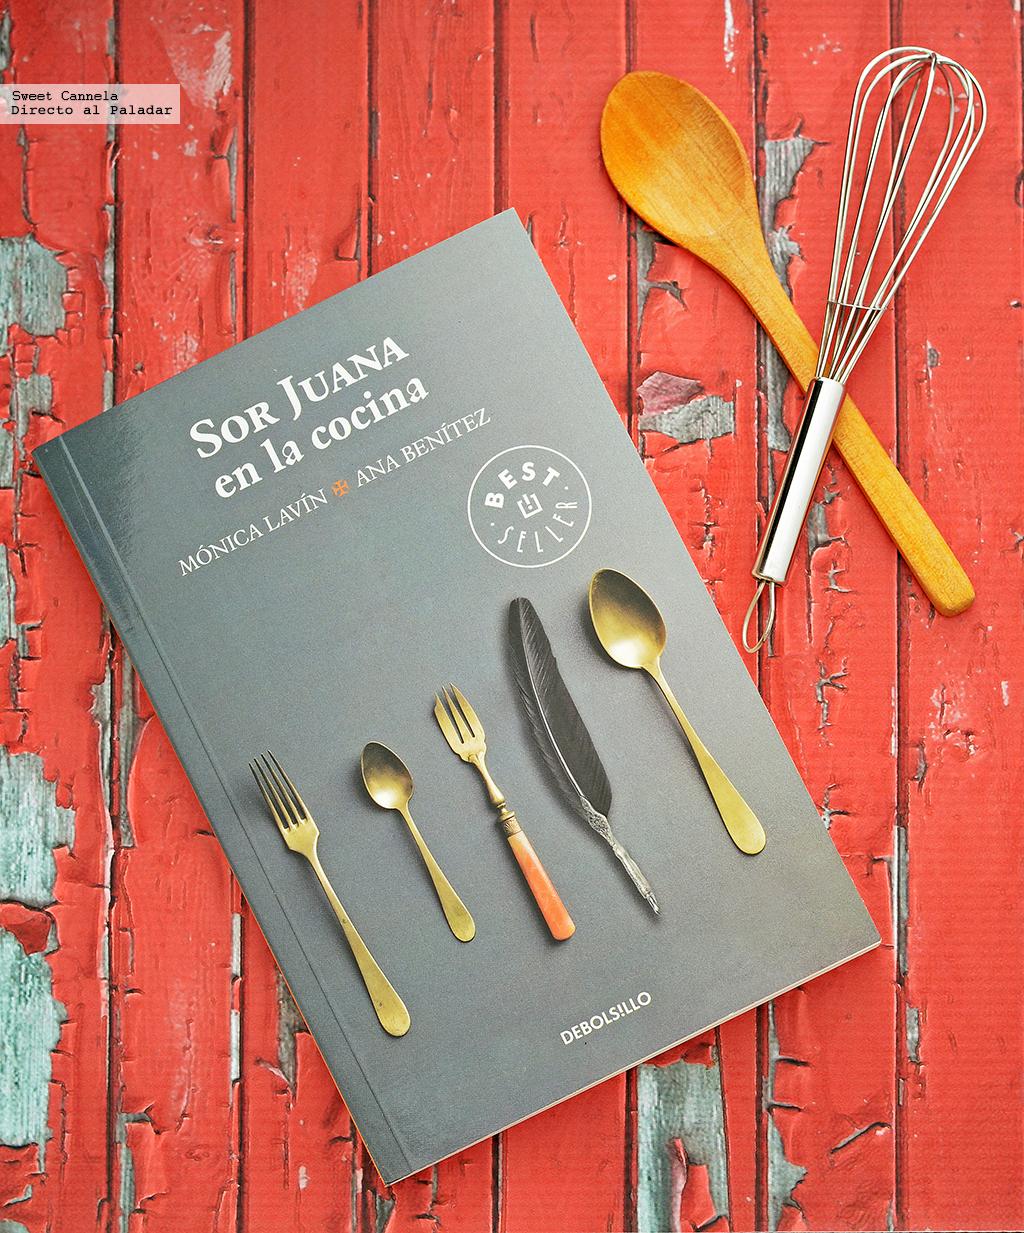 Sor juana in s de la cruz en la cocina blog sibaris for Pdf de cocina